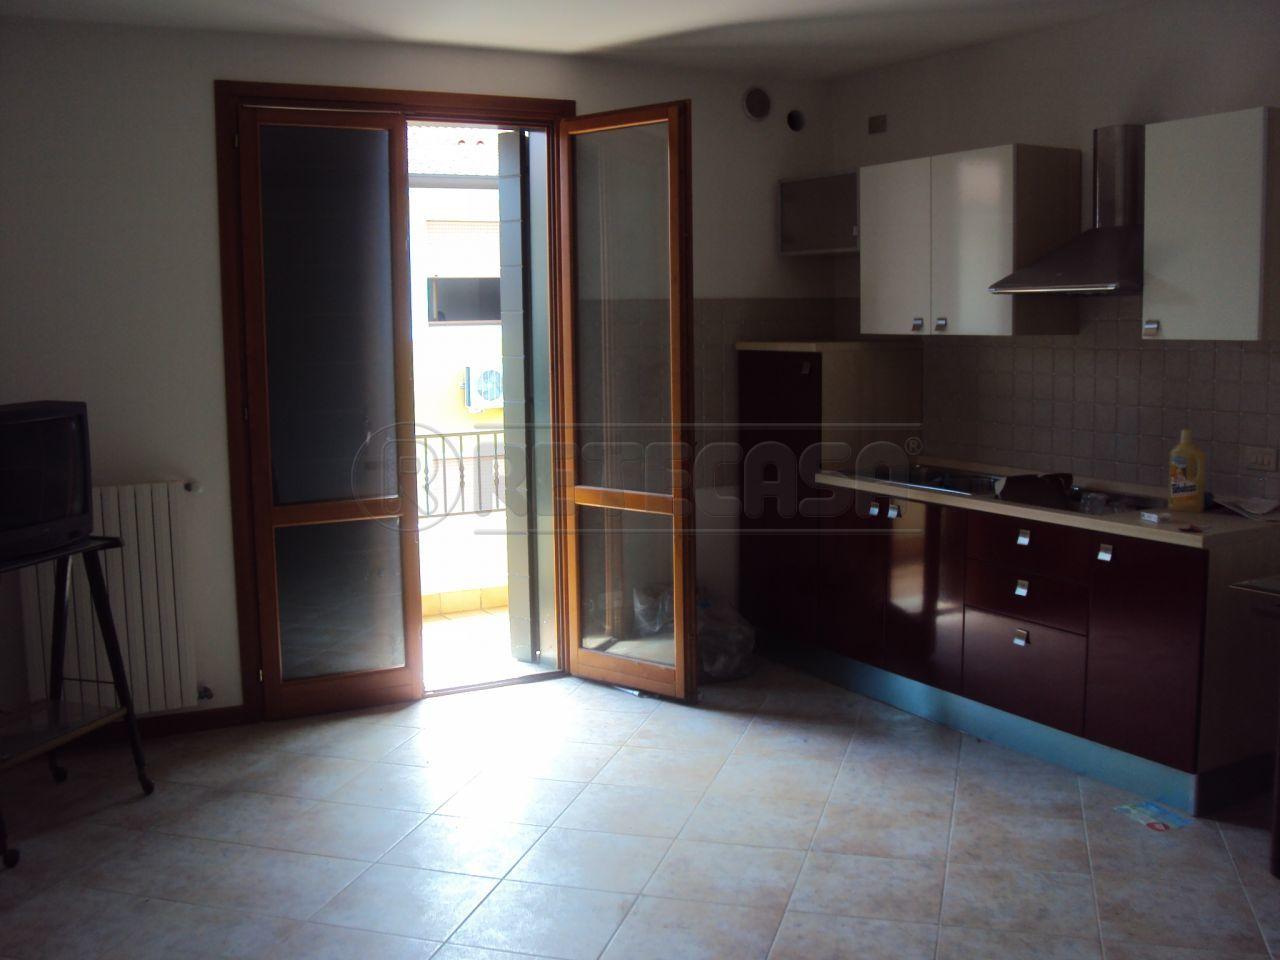 Appartamento in vendita a Borgoricco, 9999 locali, prezzo € 120.000 | Cambio Casa.it